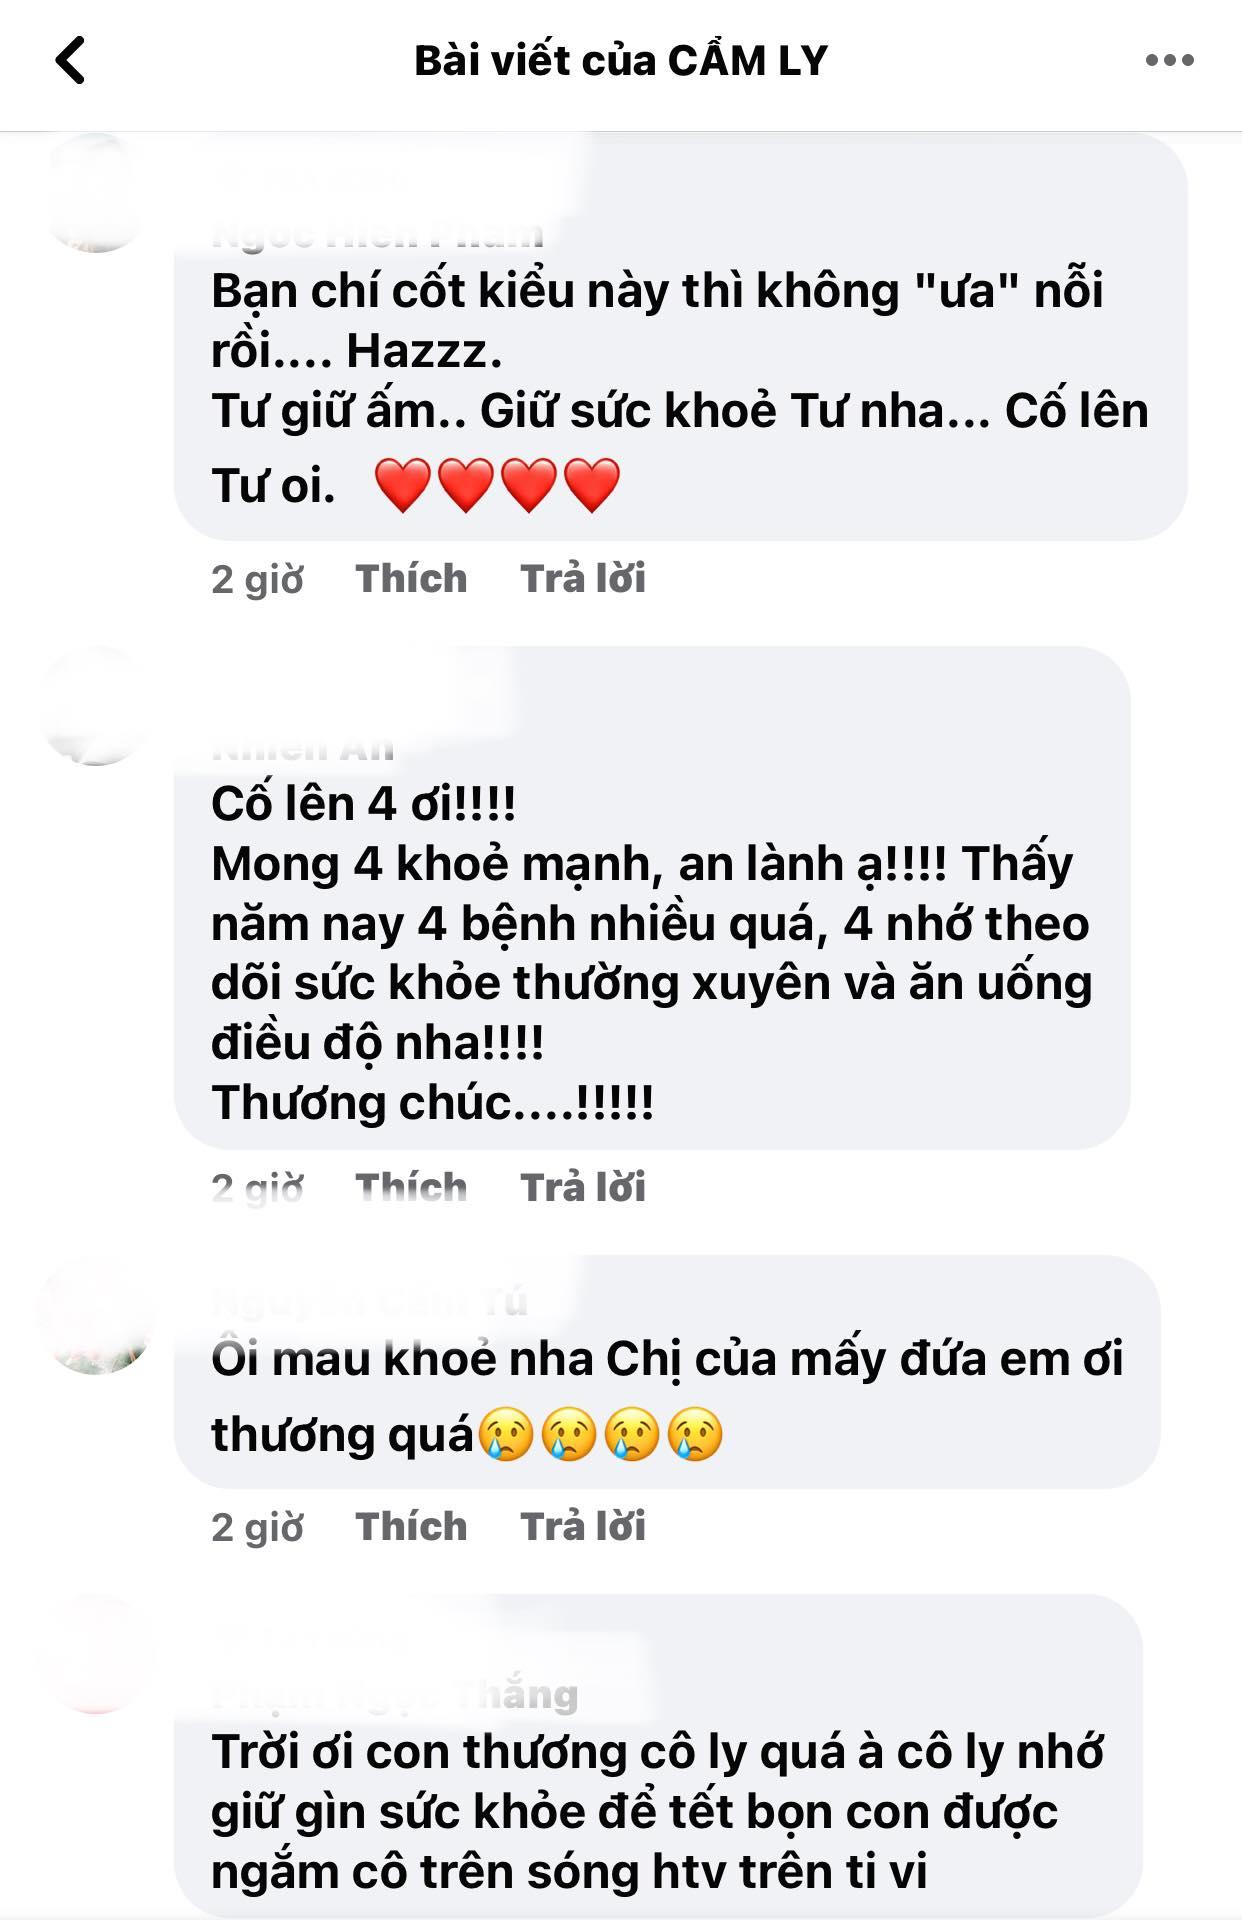 داغترین اخبار سرگرمی بعد از ظهر 11 ژانویه: عکس Ngoc Trinh به سرقت رفته بود ، Huong Giang علائم 5 سال را نشان داد